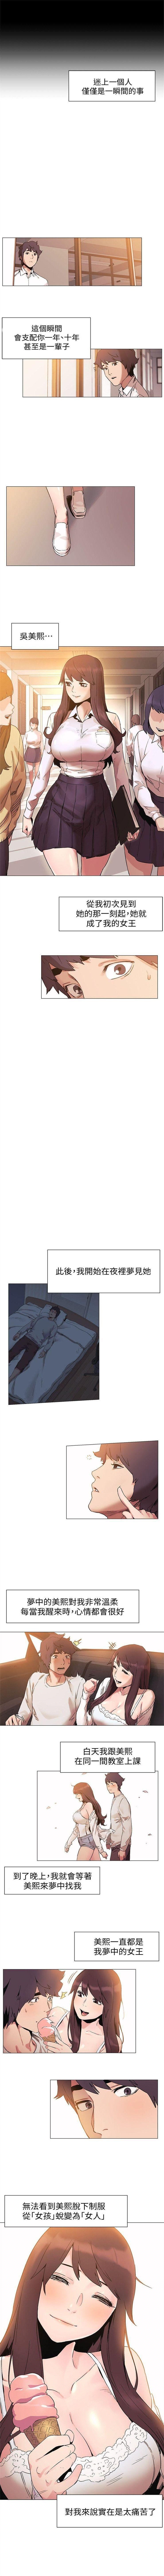 (週5)衝突 1-94 中文翻譯 (更新中) 202